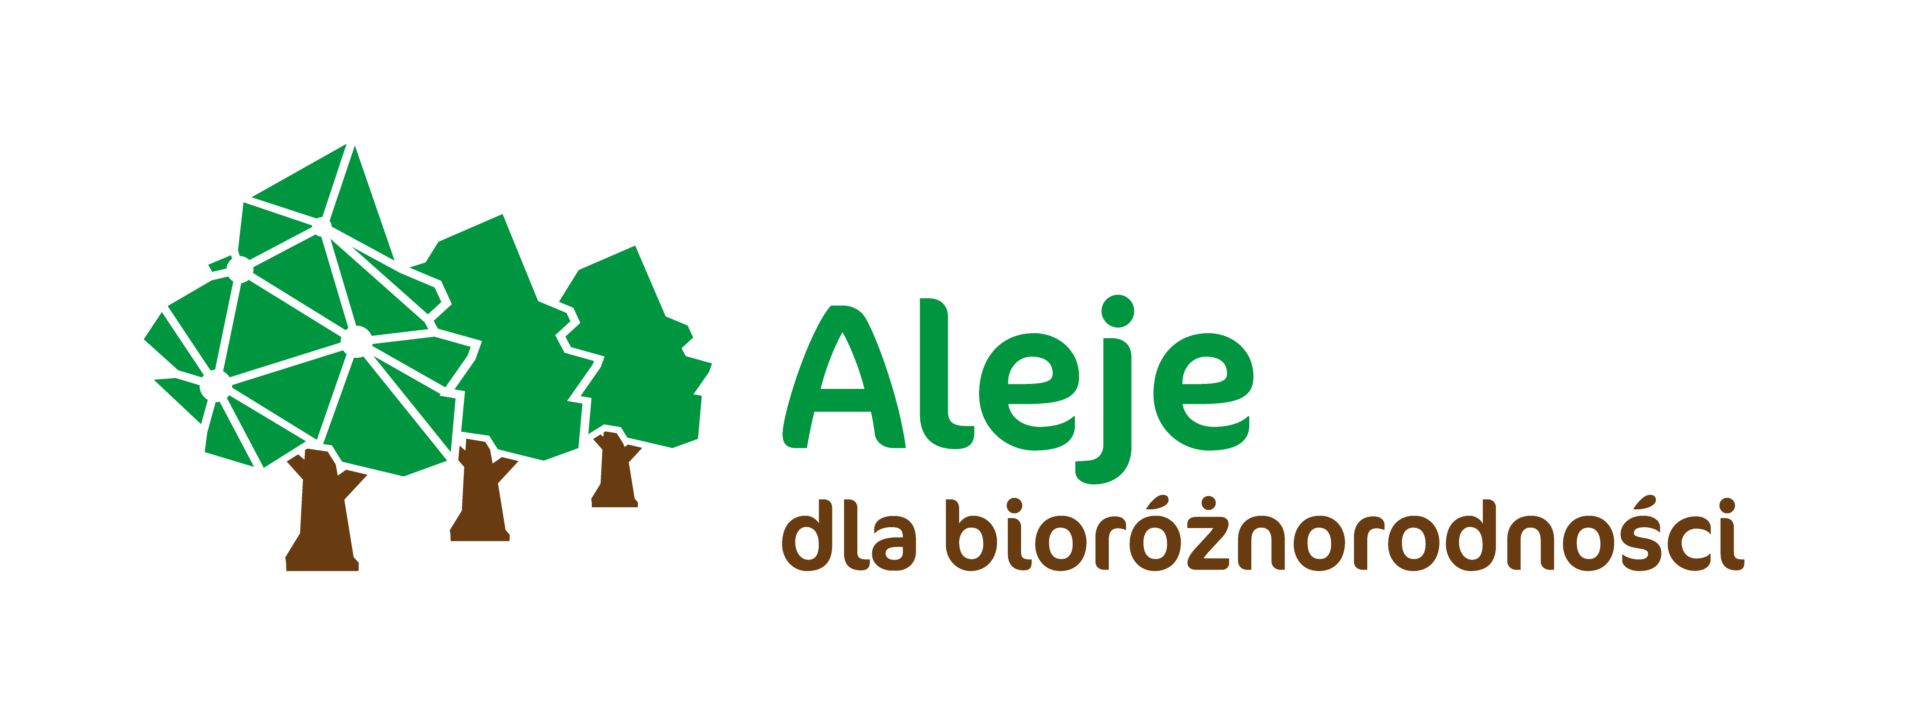 Aleje jako ostoje bioróżnorodności. Ochrona alej przydrożnych jako korytarzy ekologicznych i siedlisk przyrodniczych w celu zachowania bioróżnorodności na terenie województwa zachodniopomorskiego oraz powiatu Vorpommern-Greifswald/ Alleen als Refugialgebiete der Biodiversität. Der Schutz der Straßenalleen als ökologische Korridore und Habitate zur Erhaltung der Biodiversität in der Woiwodschaft Zachodniopomorskie und im Landkreis Vorpommern-Greifswald INT142 (2019-2022)